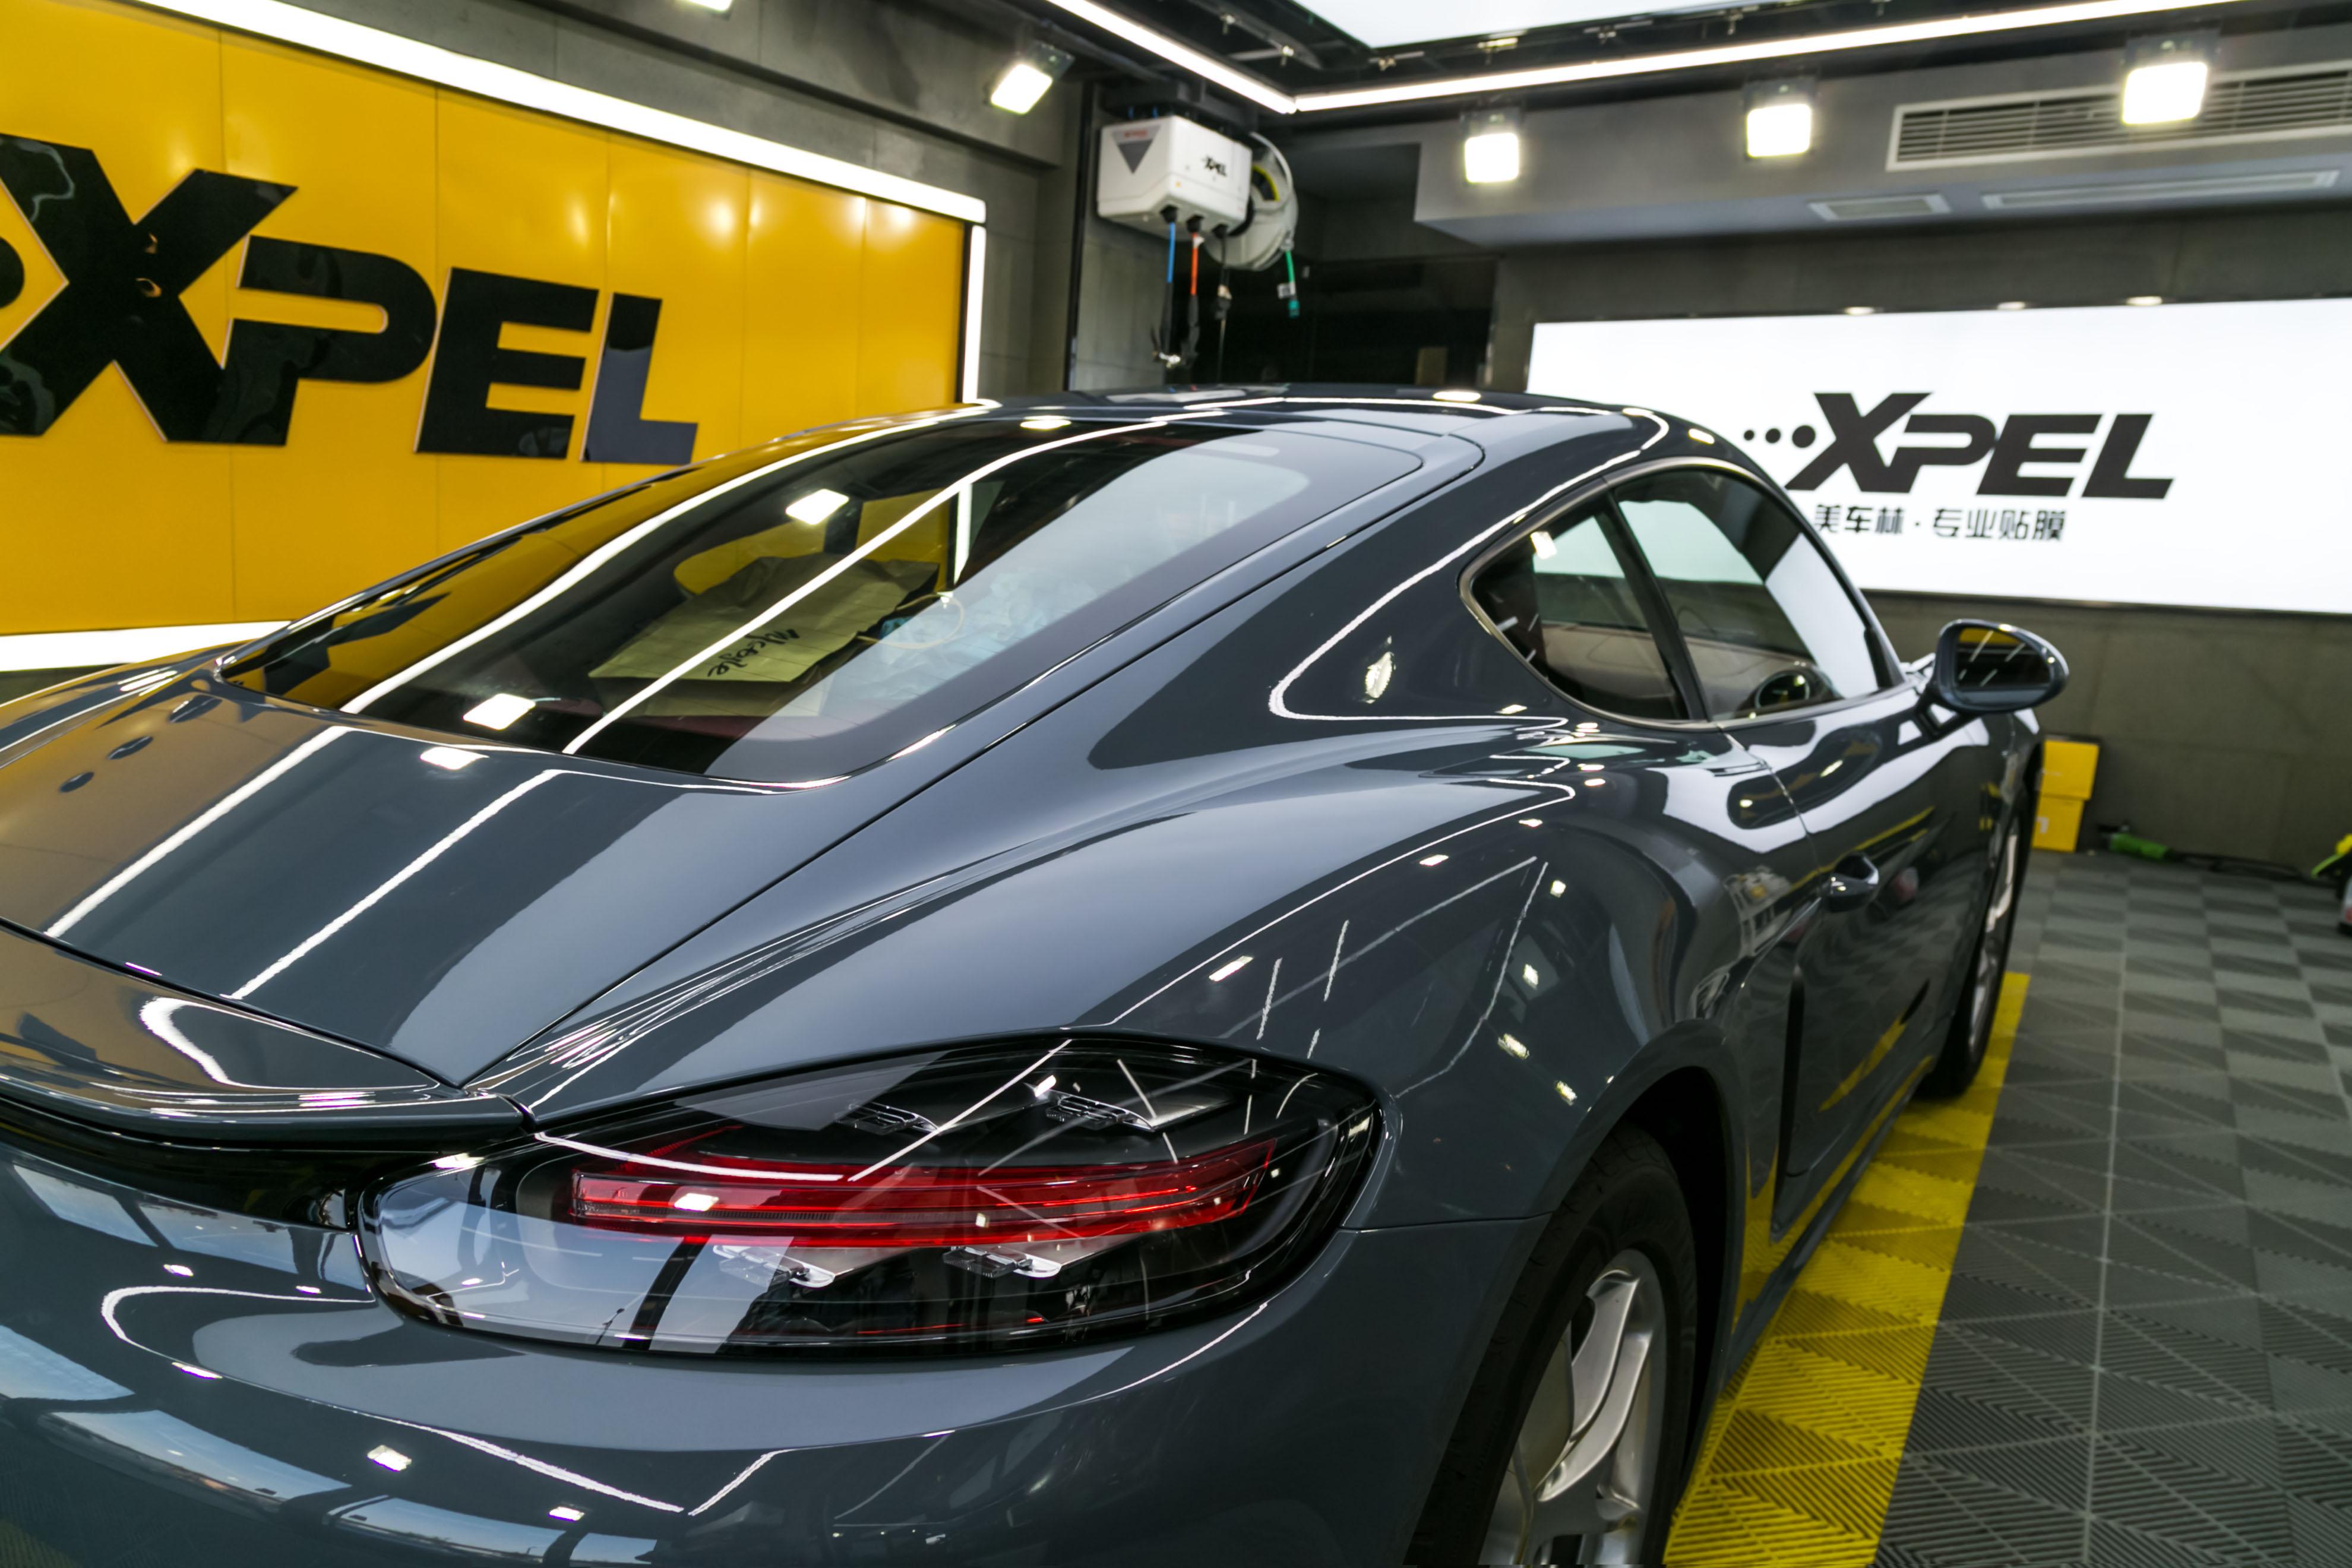 汽车B柱保护膜装贴前后对比